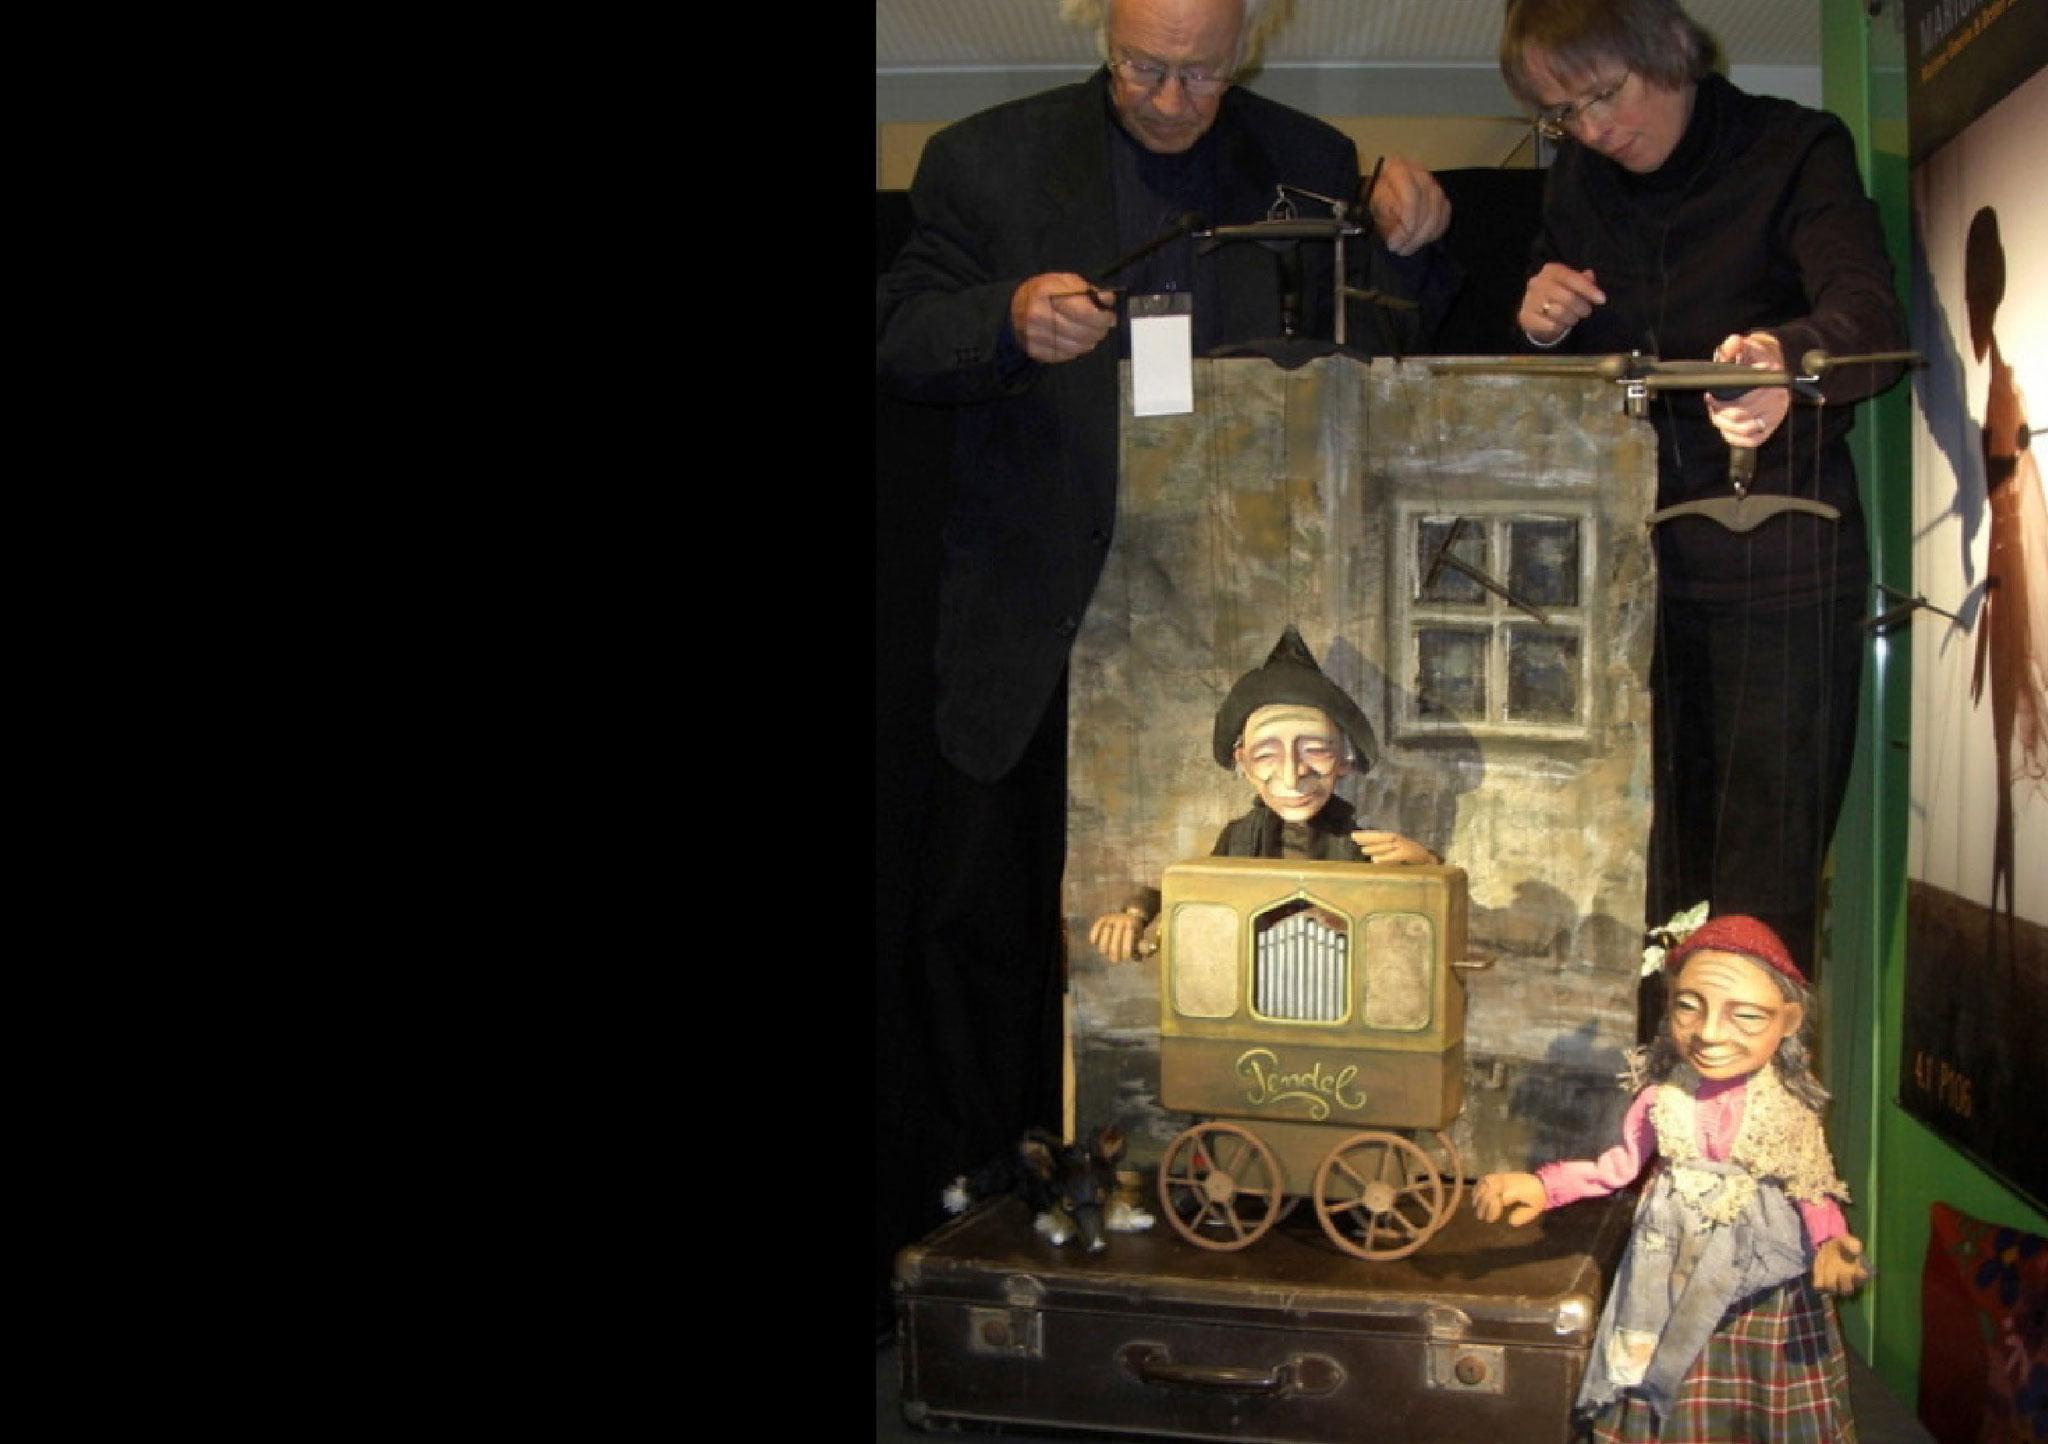 Es wird  kein Eintritt verlangt, aber nach jeder Vorstellung bitten bettelnde, notleidende Marionetten um eine milde Gabe: